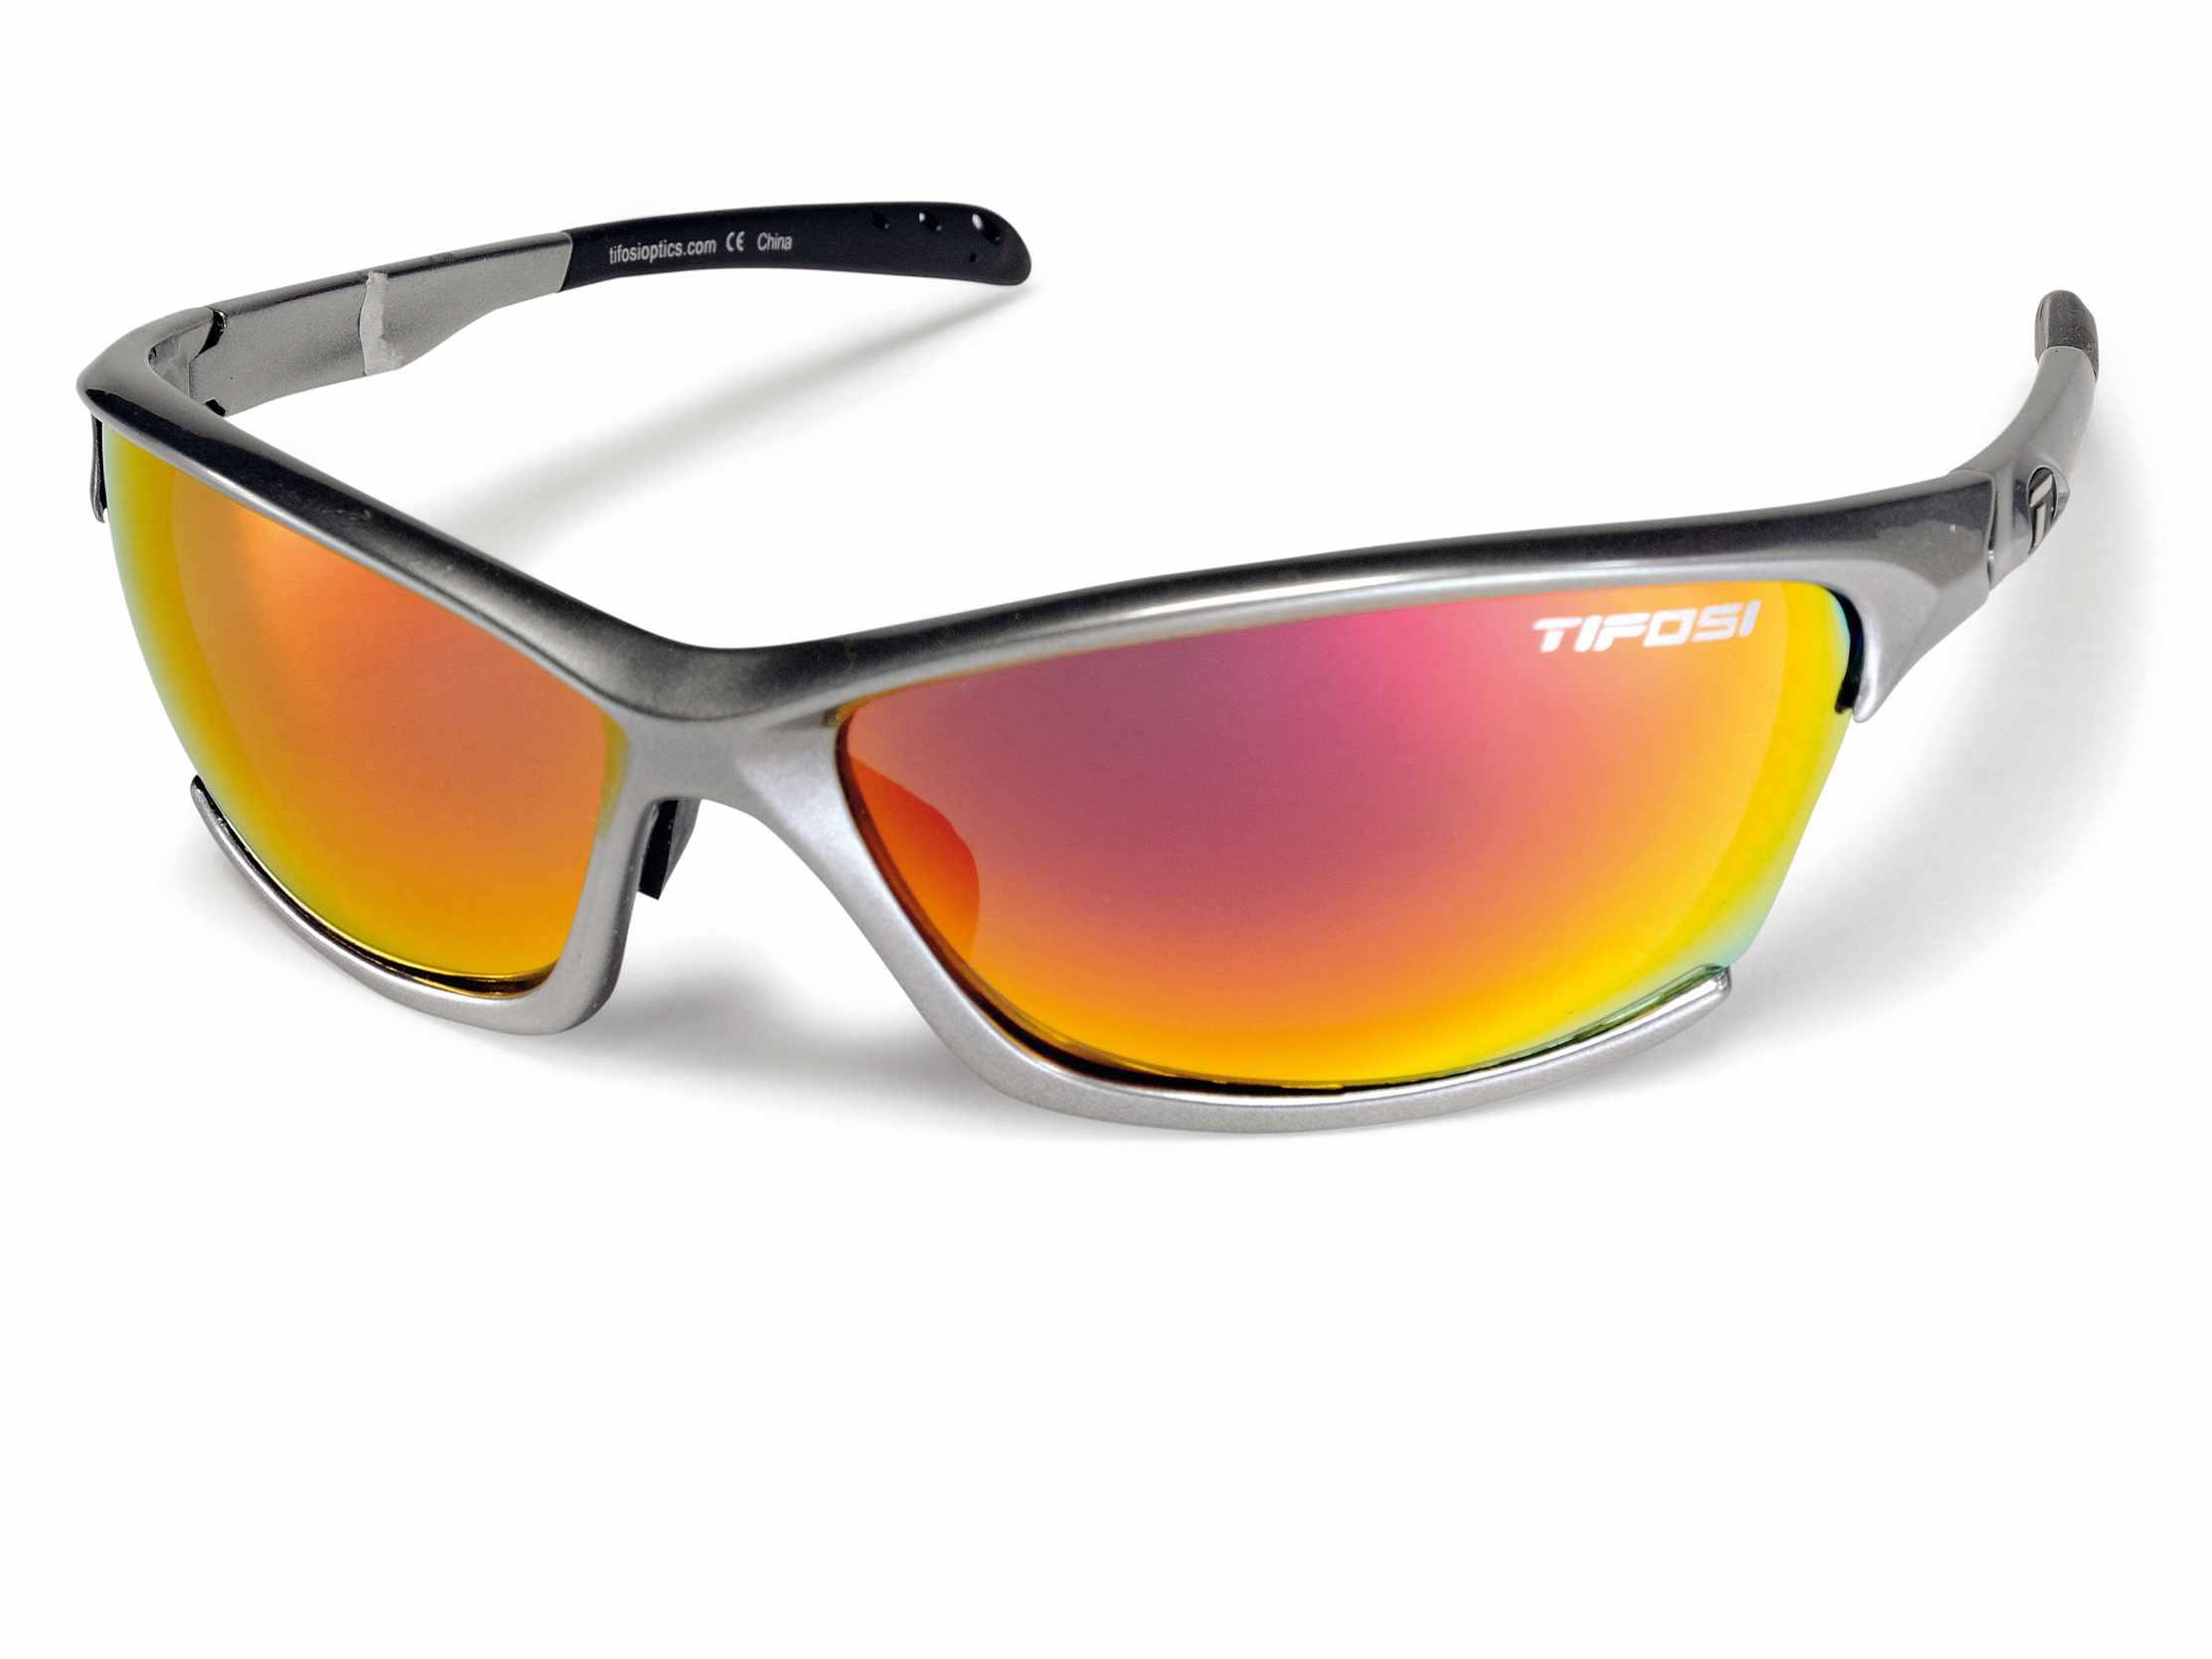 Tifosi Ventoux sunglasses